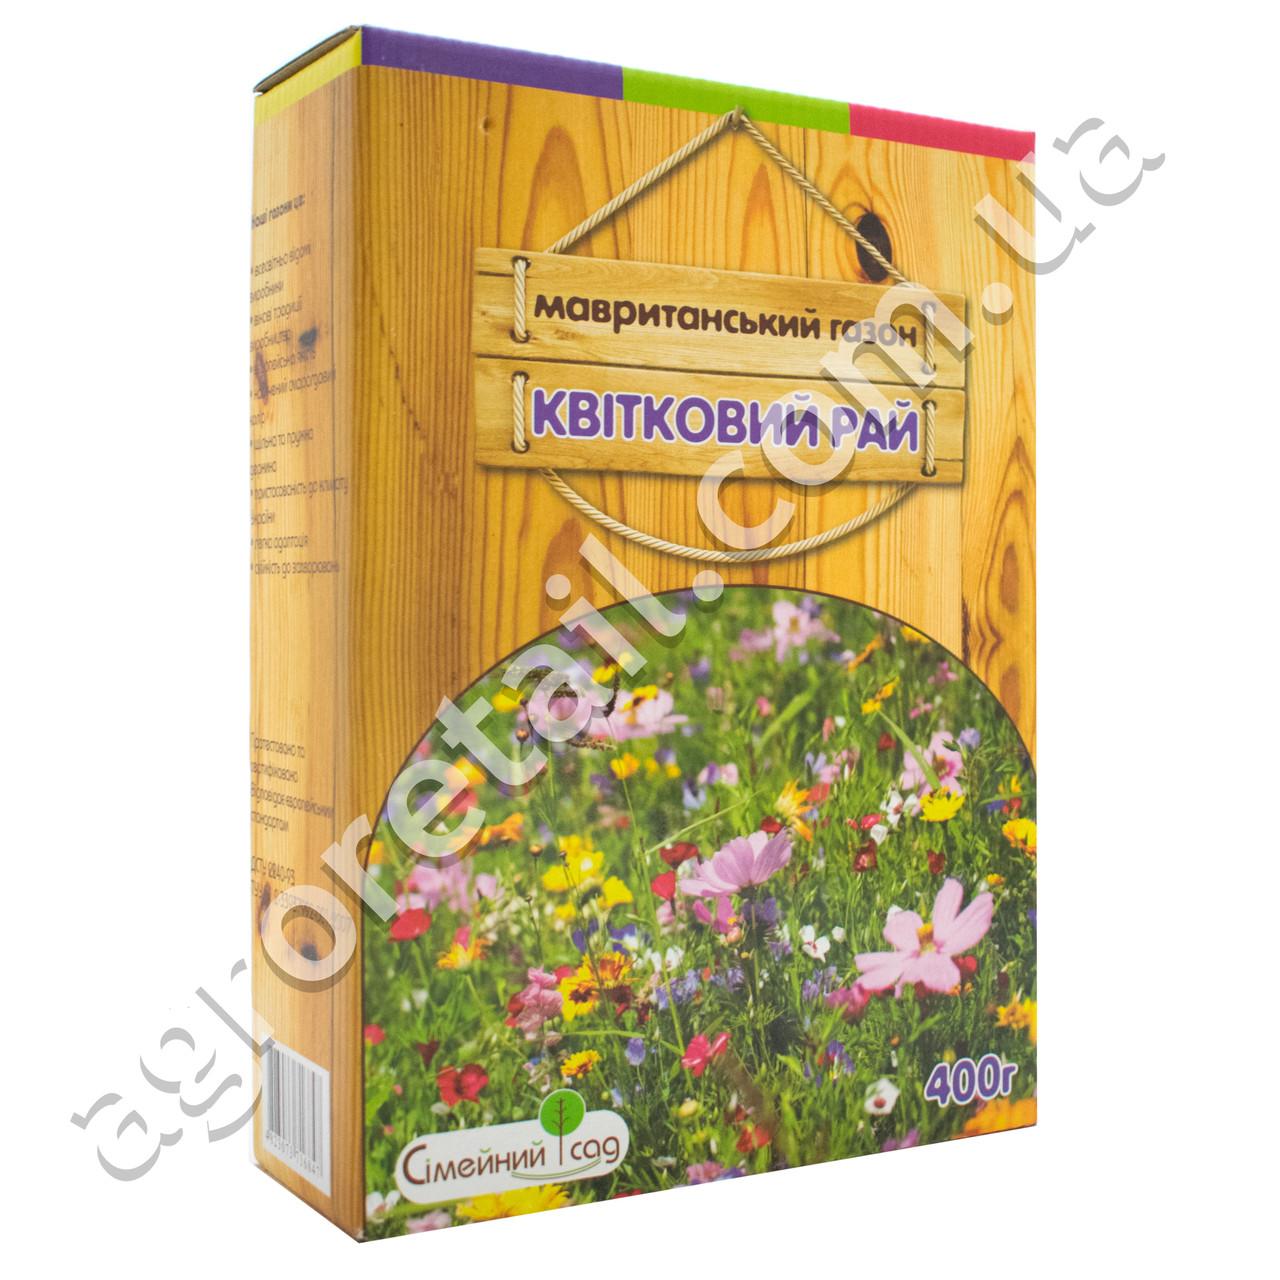 Трава газонная мавританский газон Цветочный рай 400 г